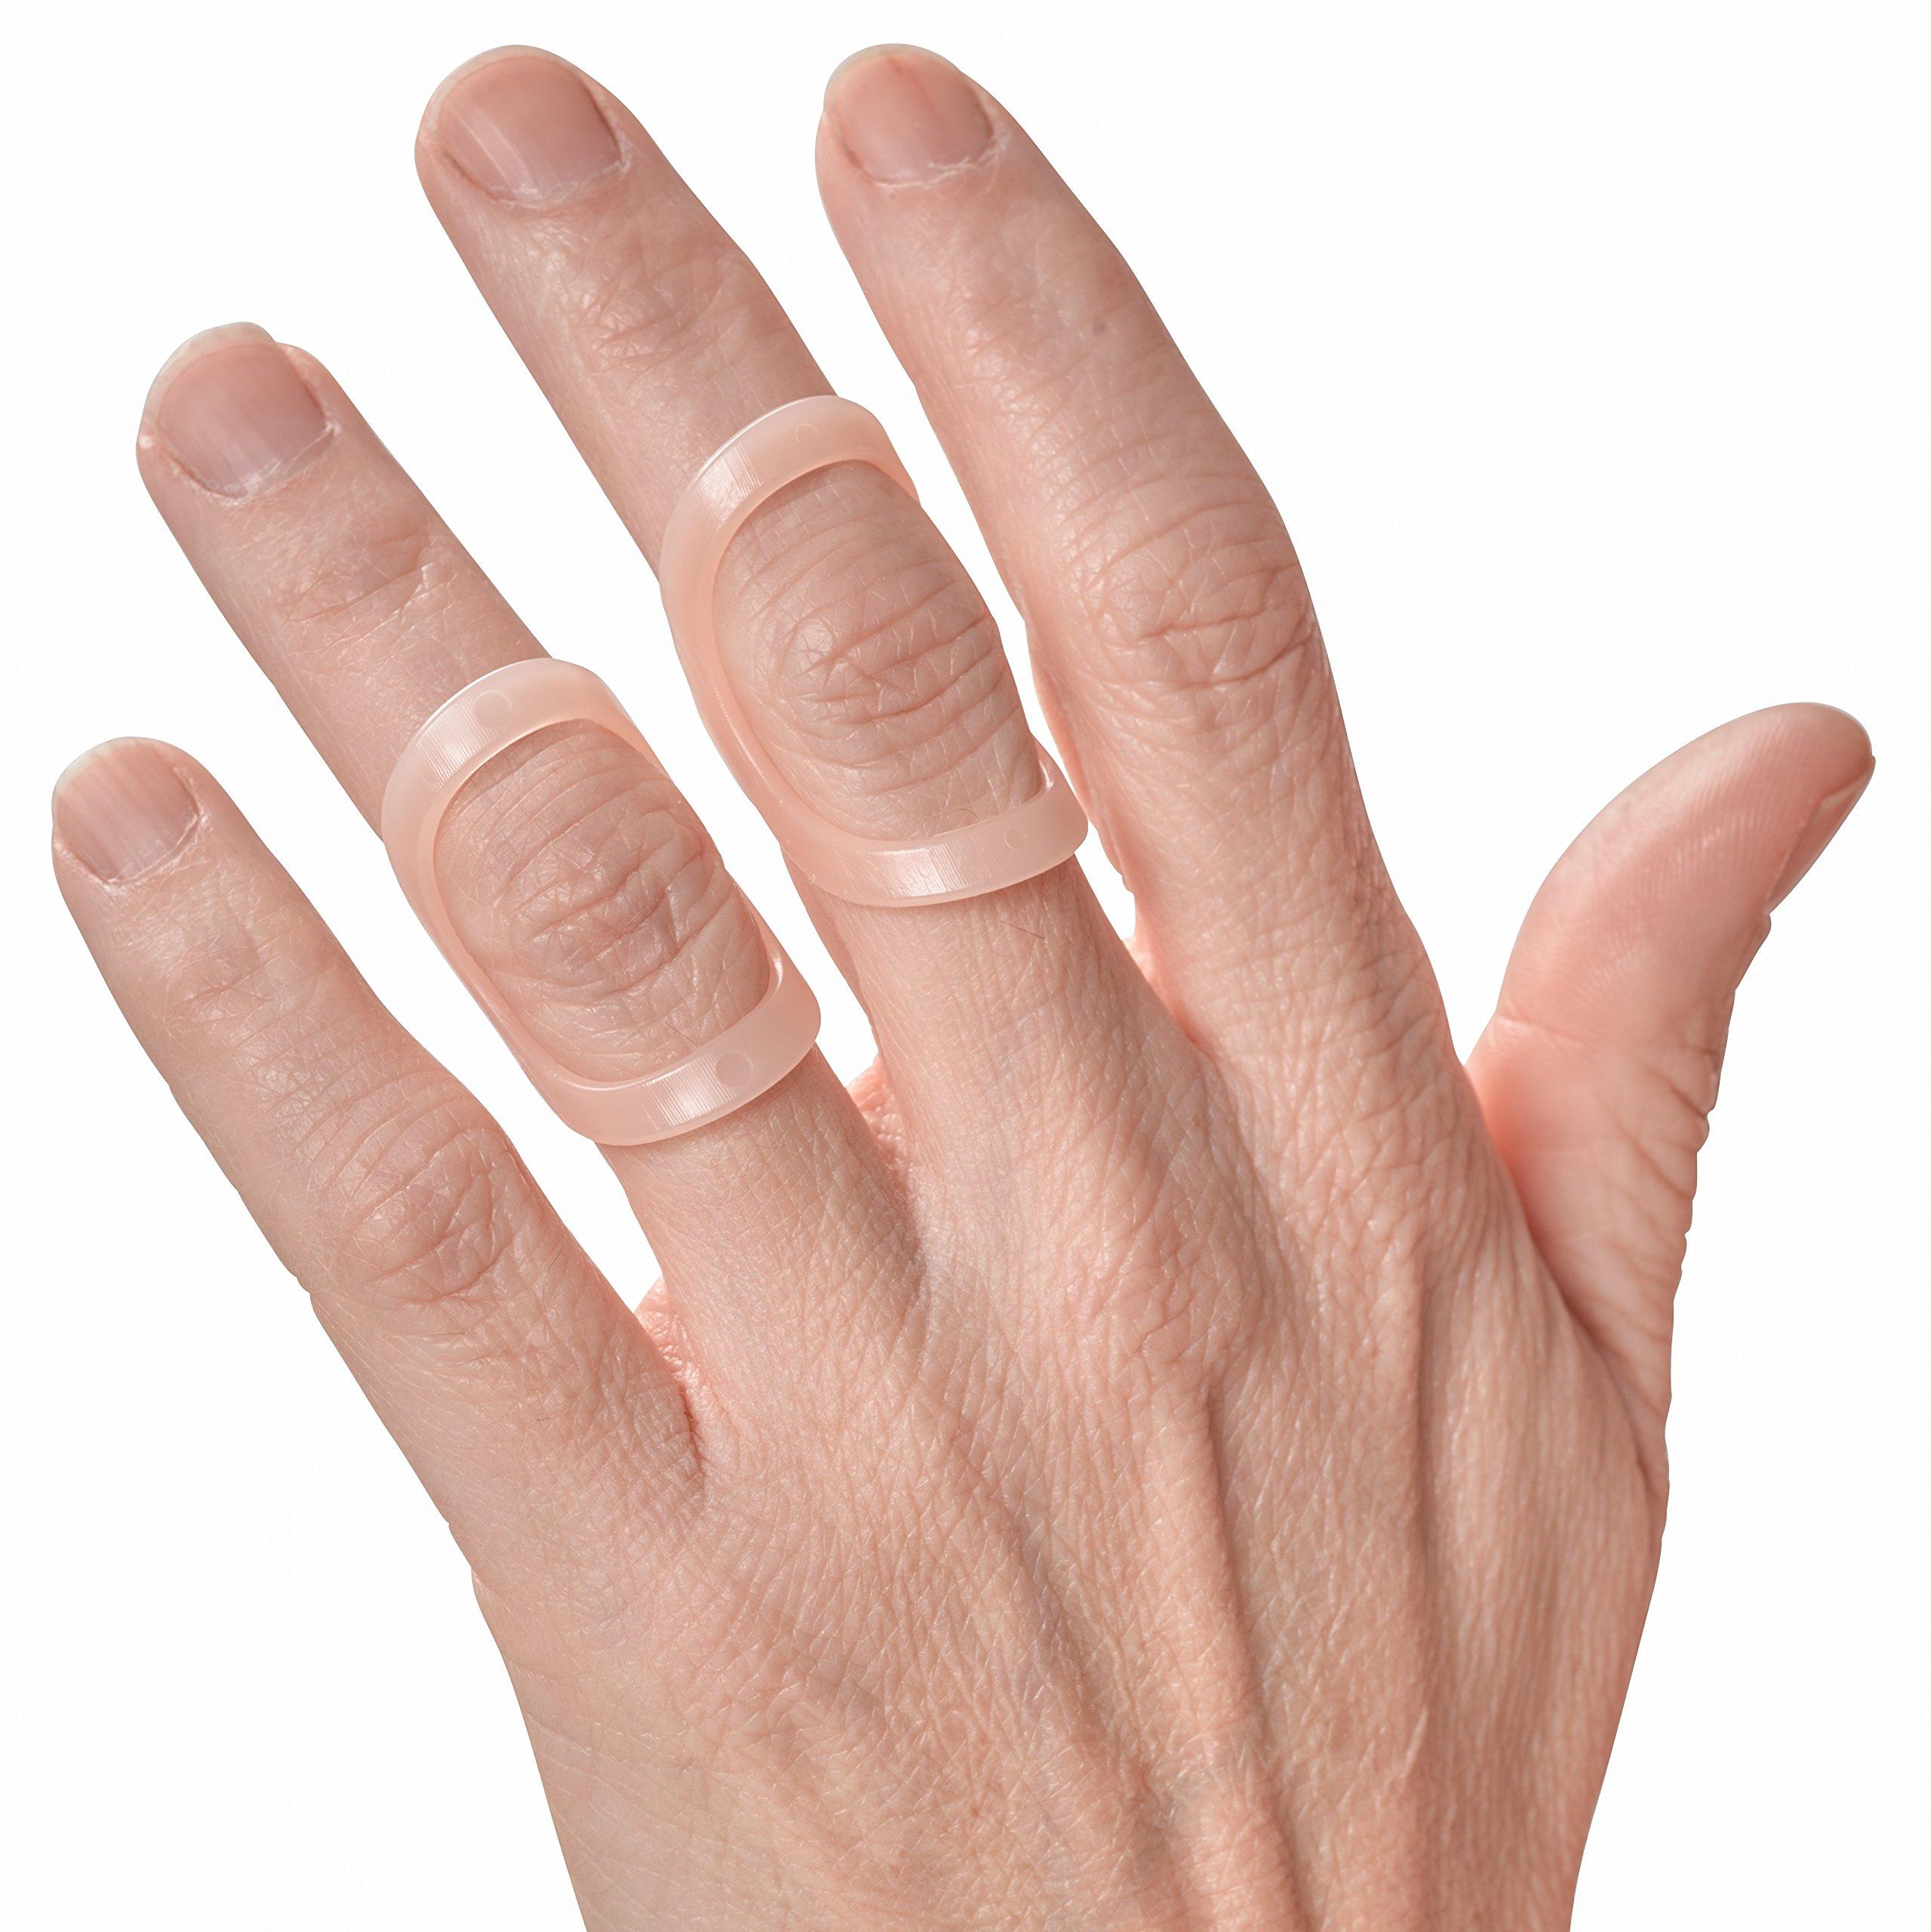 Oval-8 Finger Splint Single Size Pack - Size 9 (Package of 1)